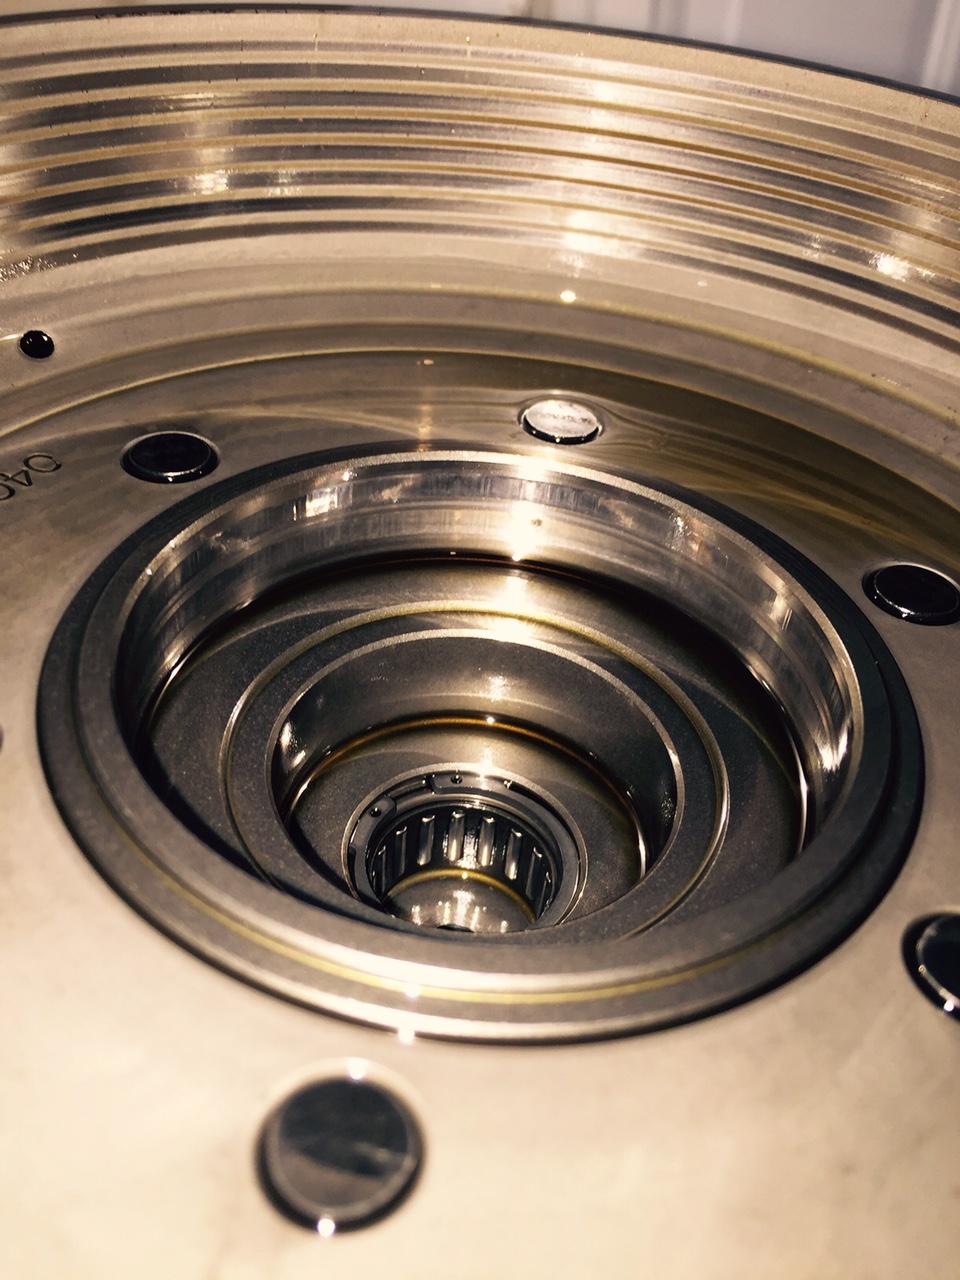 Need help with clutch bearing??? - Page 2 - Yamaha Rhino